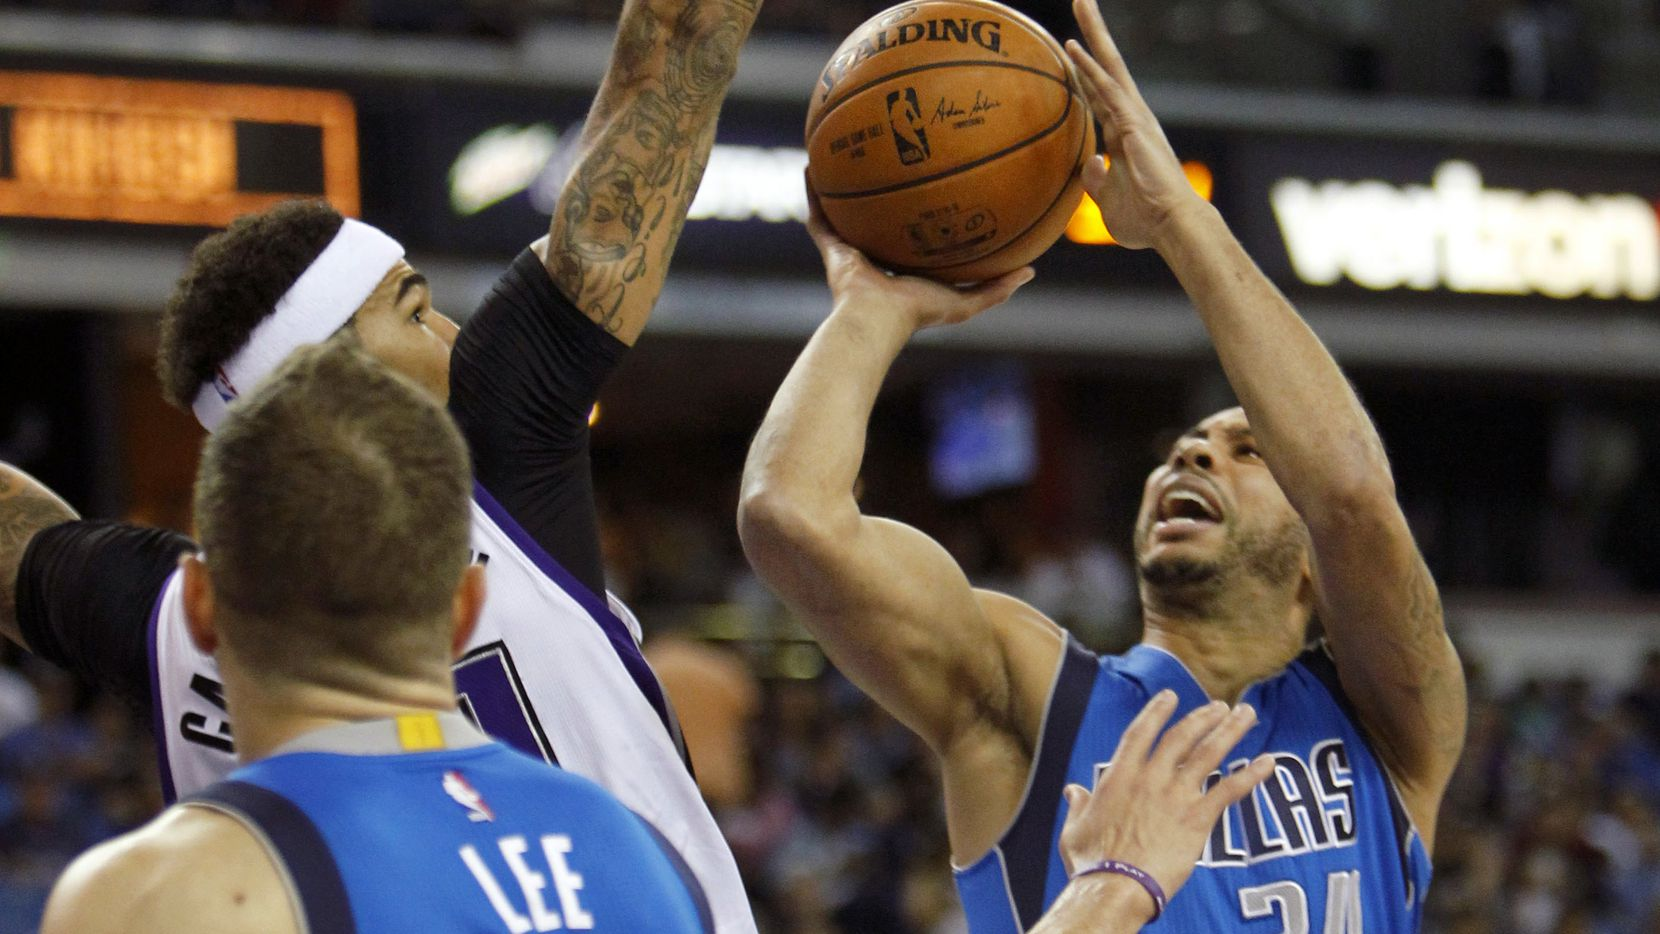 Devin Harris de los Mavericks de Dallas lanza el balón en el partido ante los Kings de Sacramento.